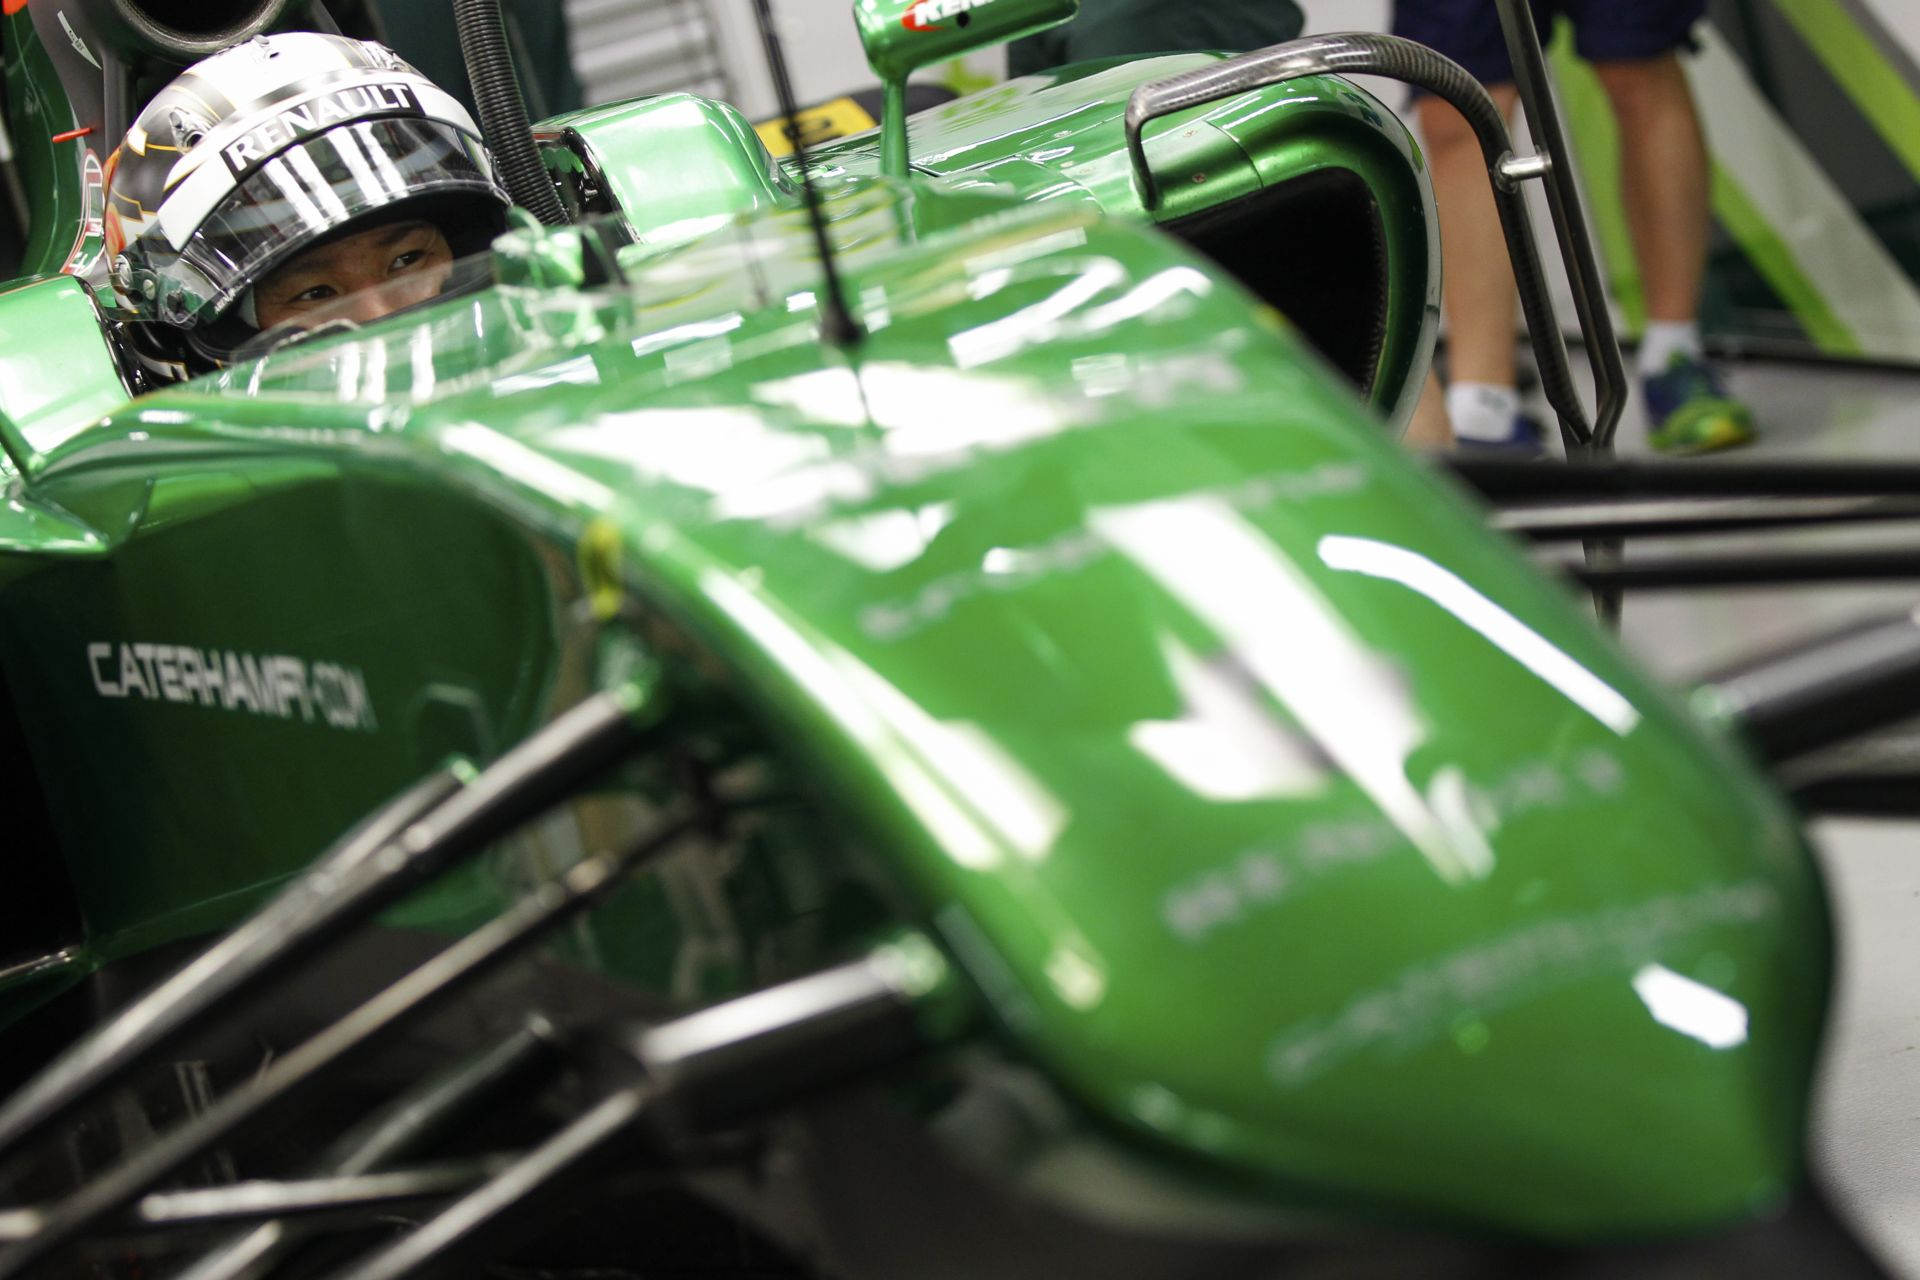 Hivatalos: A Caterham F1 Team rajthoz áll az évadzáró Abu Dhabi Nagydíjon